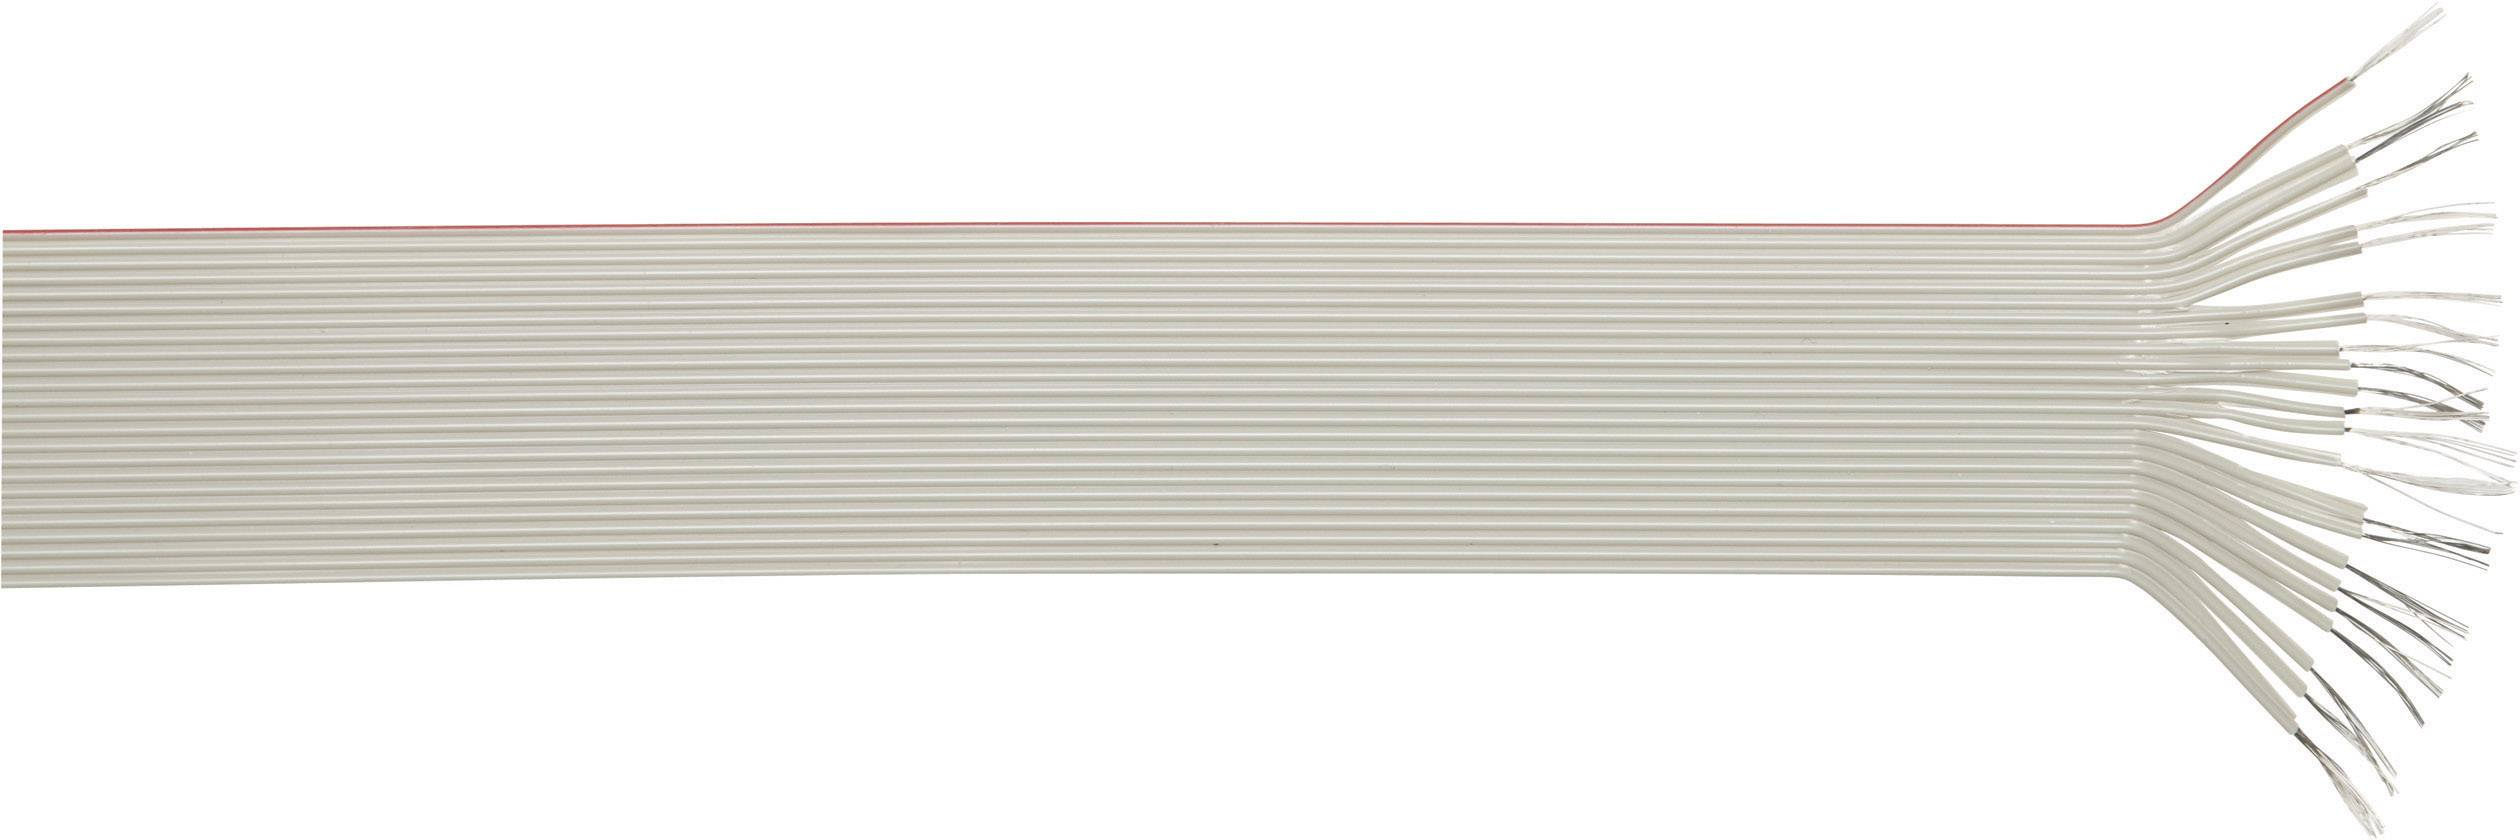 Plochý kábel LappKabel 49900050, rozteč 1.27 mm, 34 x 0.09 mm², sivá, metrový tovar